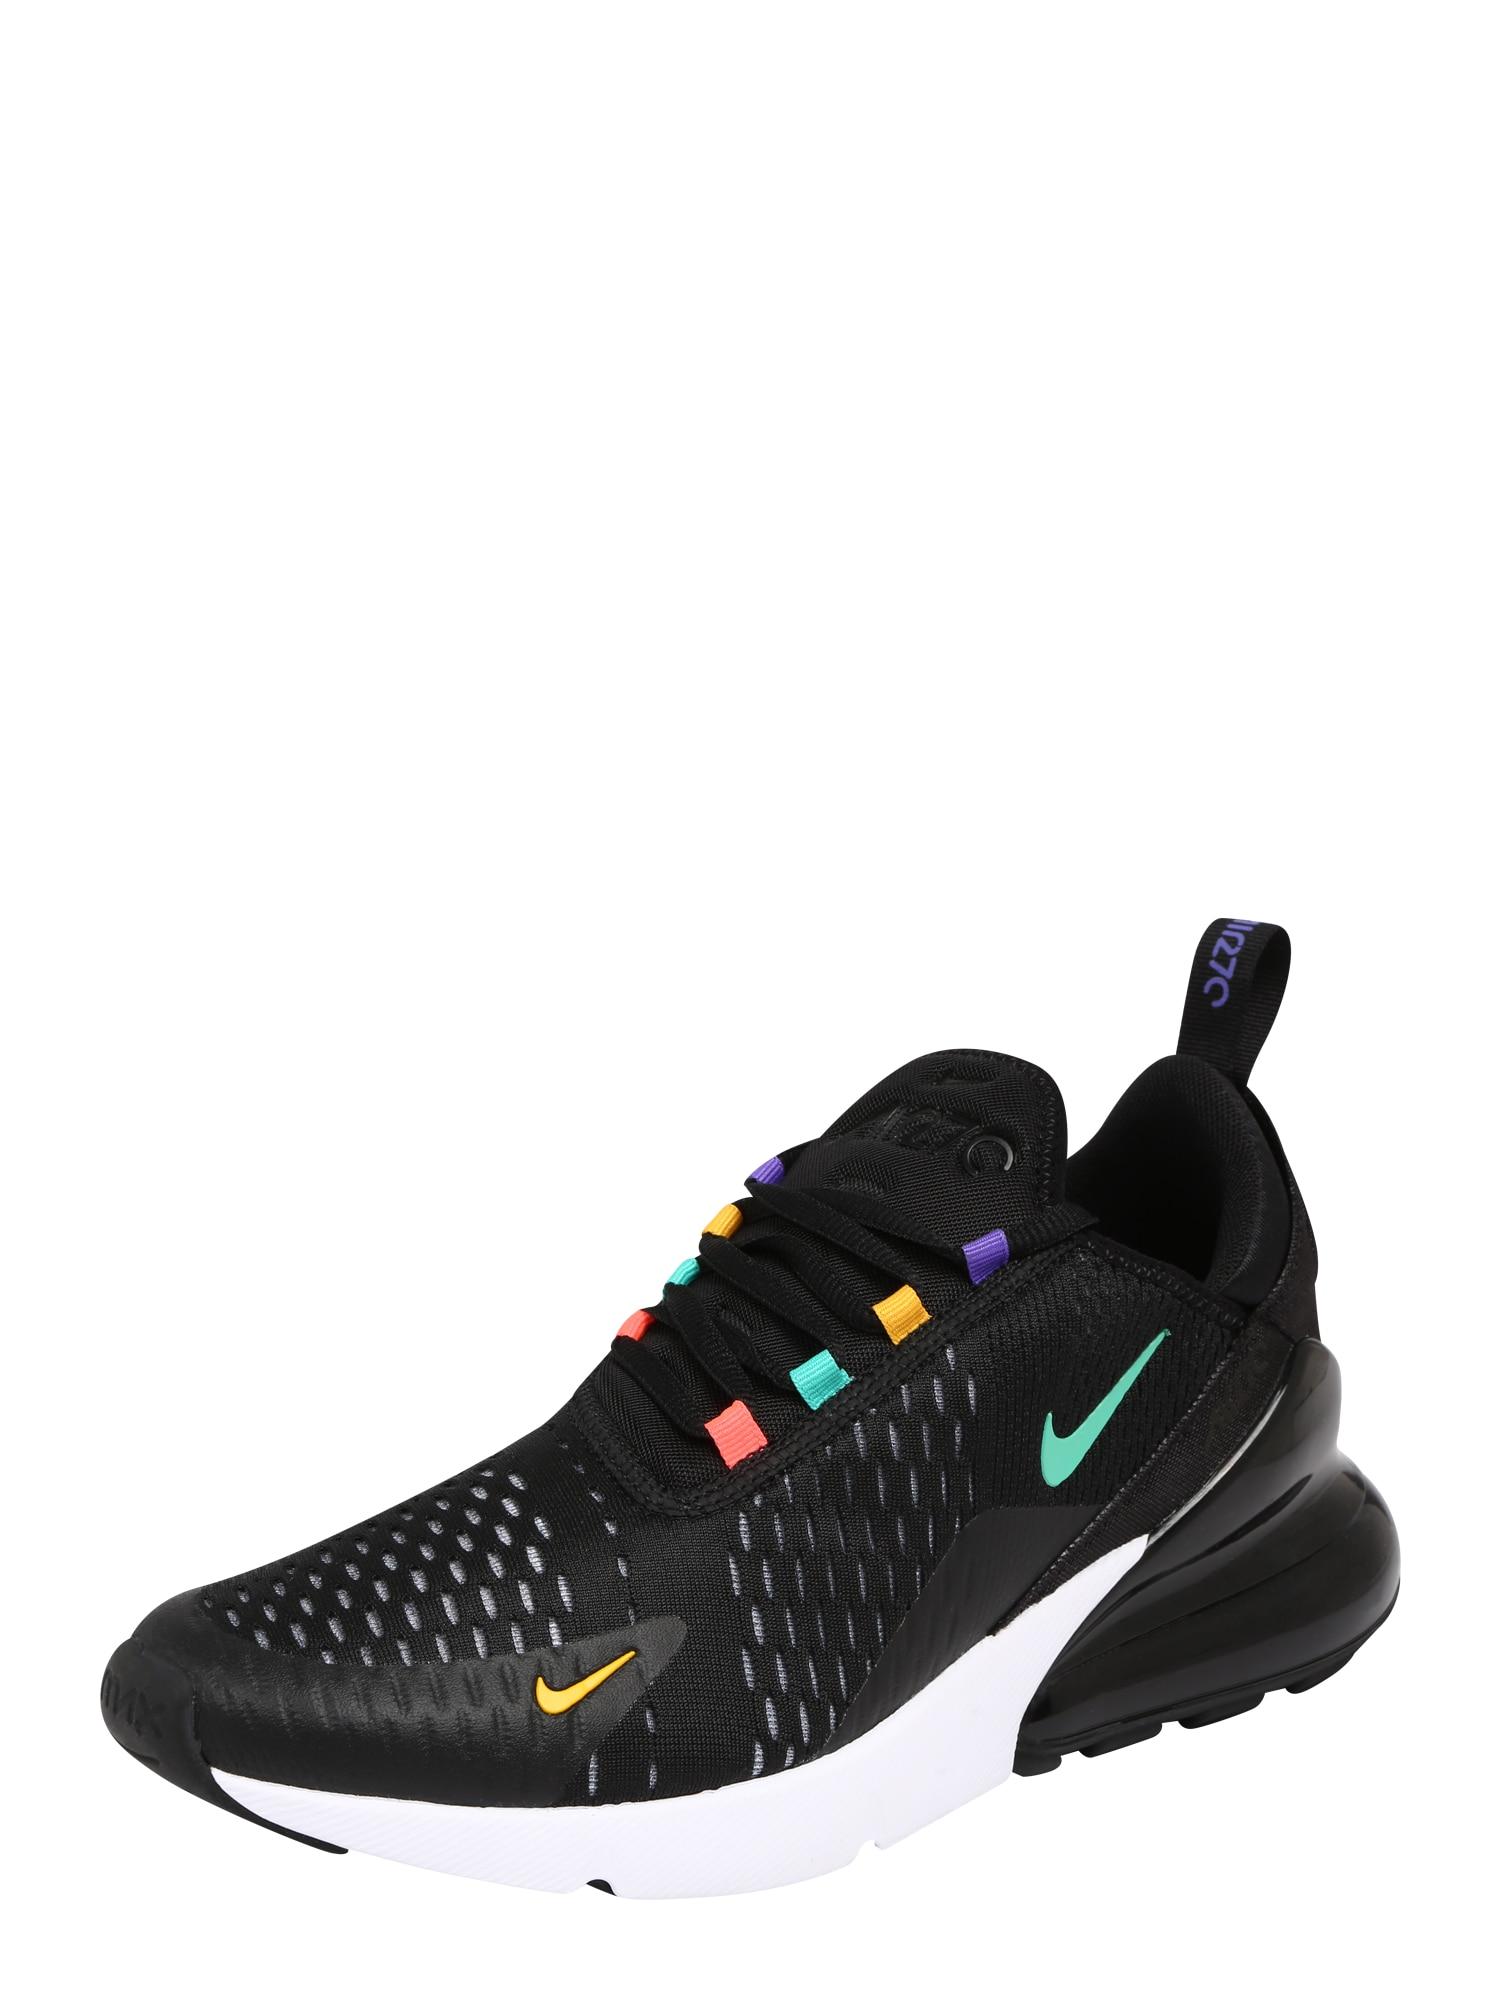 Tenisky Air Max 270 mix barev černá bílá Nike Sportswear